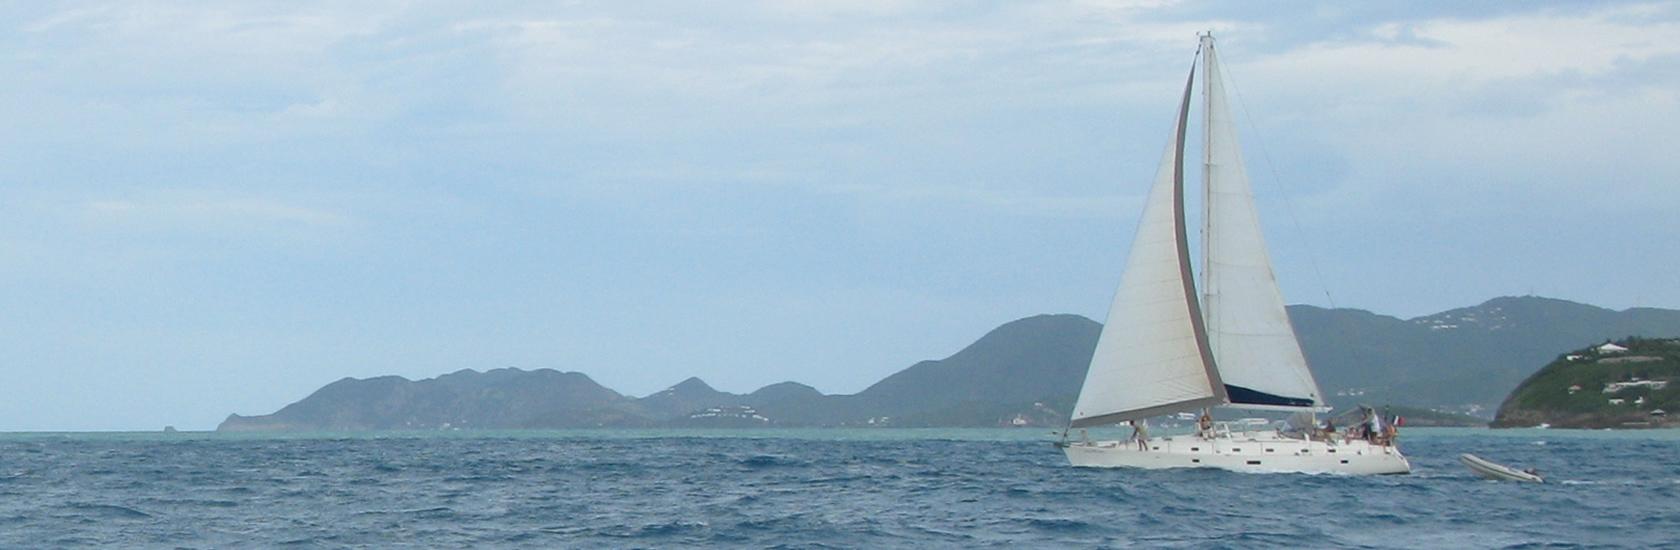 Chico-sailing-long